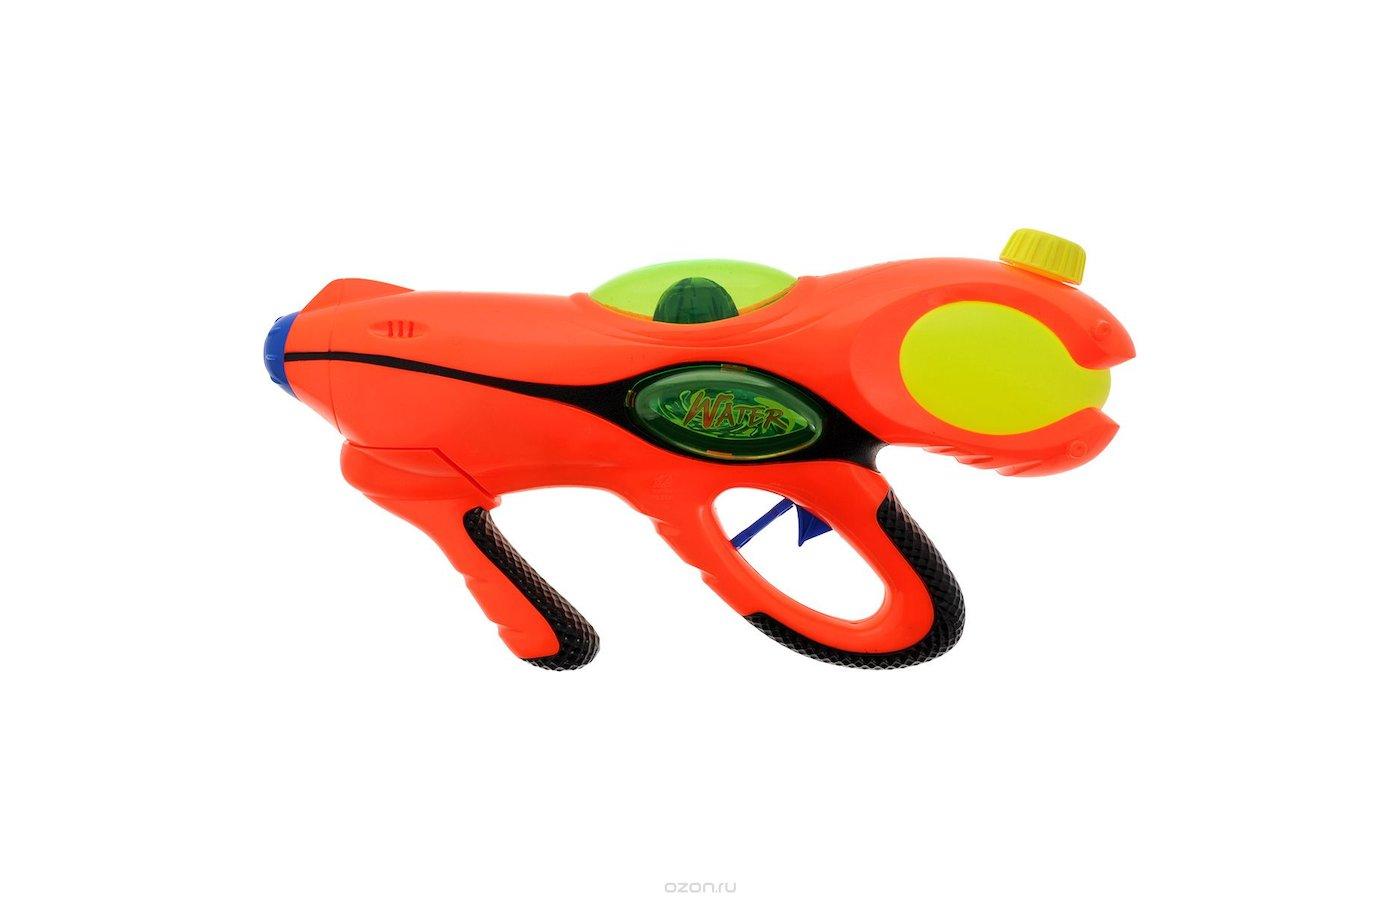 Игрушка Bebelot BEB1106-030 водный бластер Мегабой